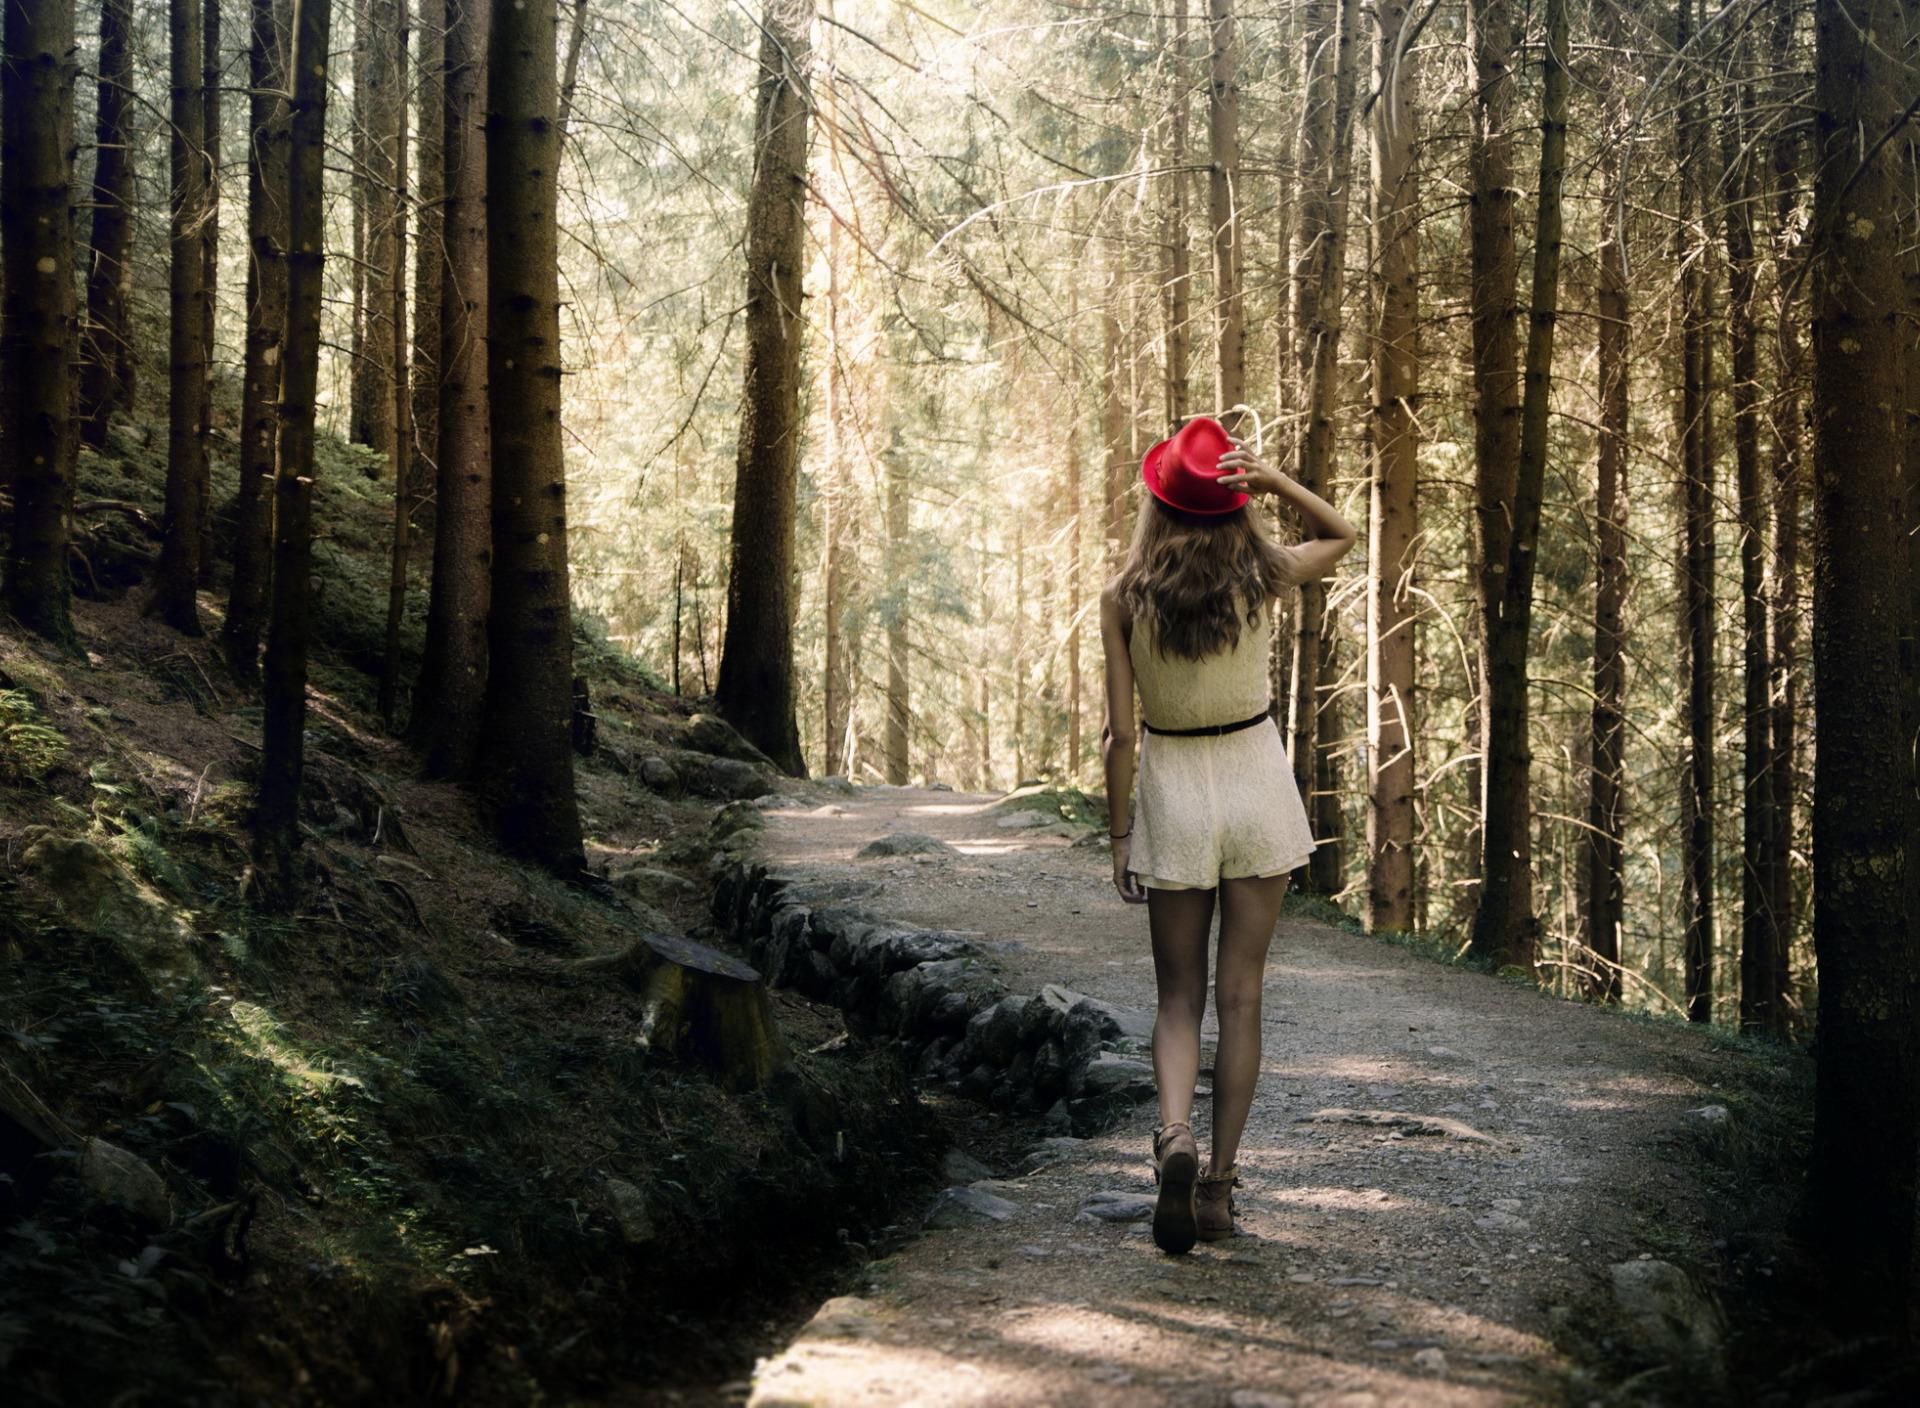 картинки один человек в лесу изобретений человечества упорядоченный